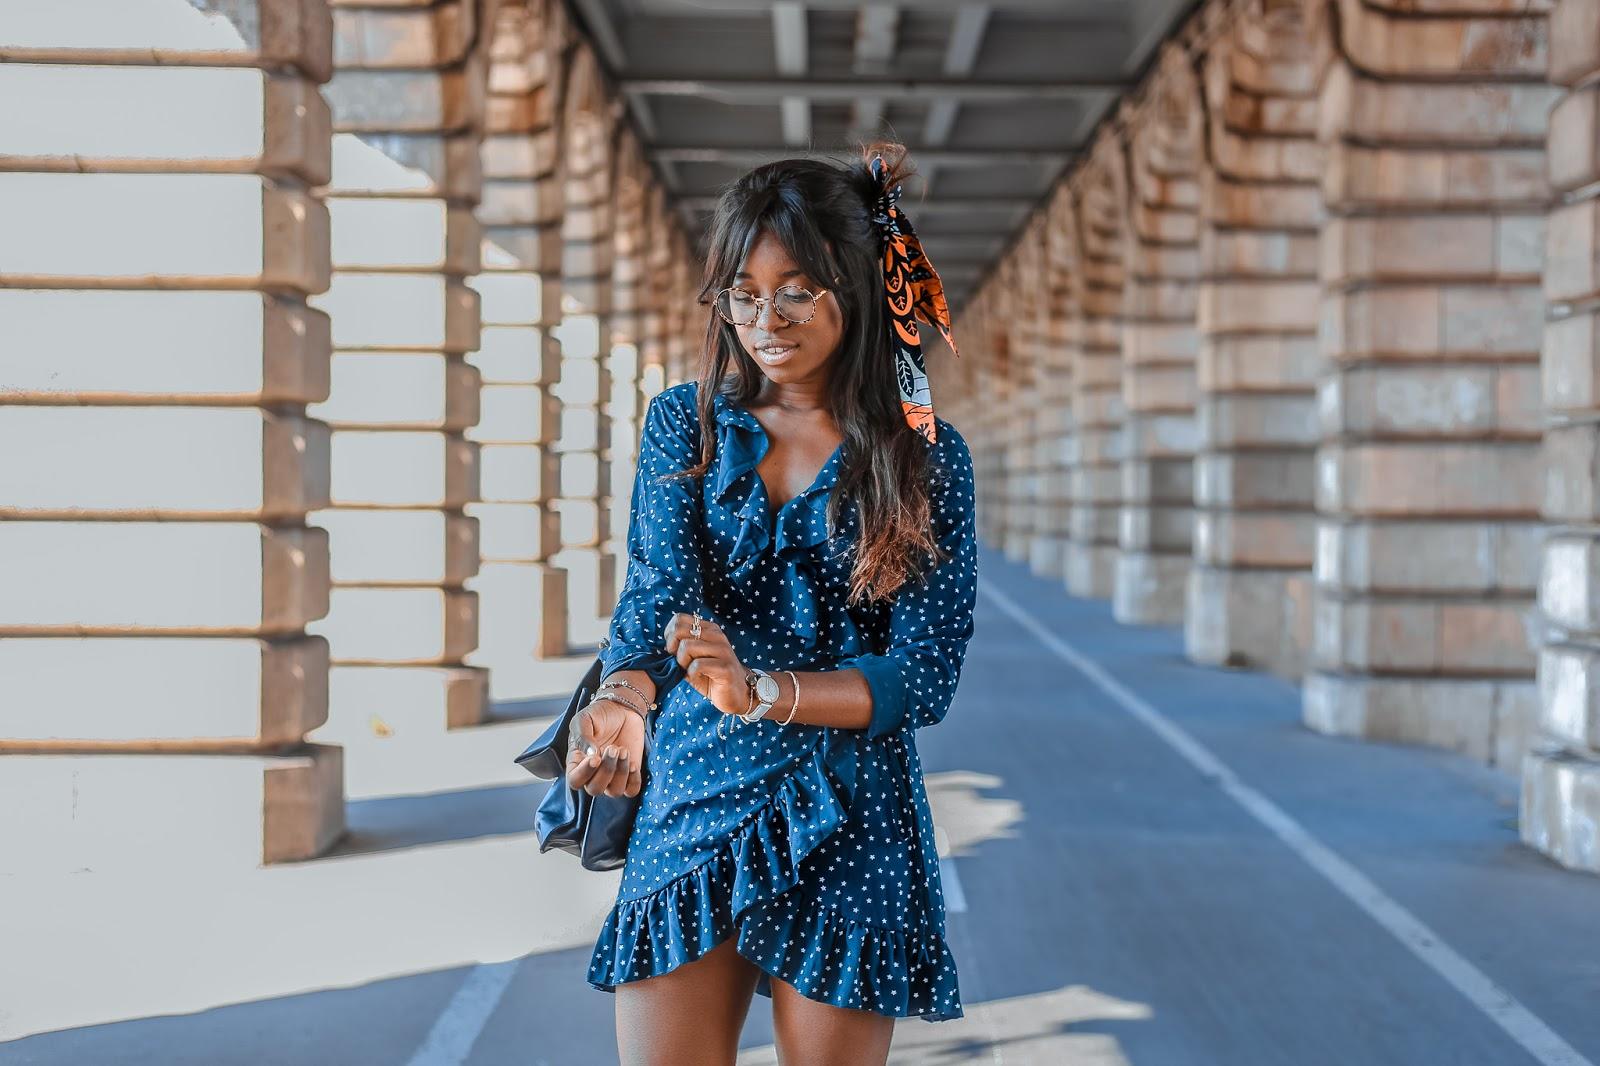 57d24c4d573 Tendance flamenco 2.0 - La robe à volant - Dadadah